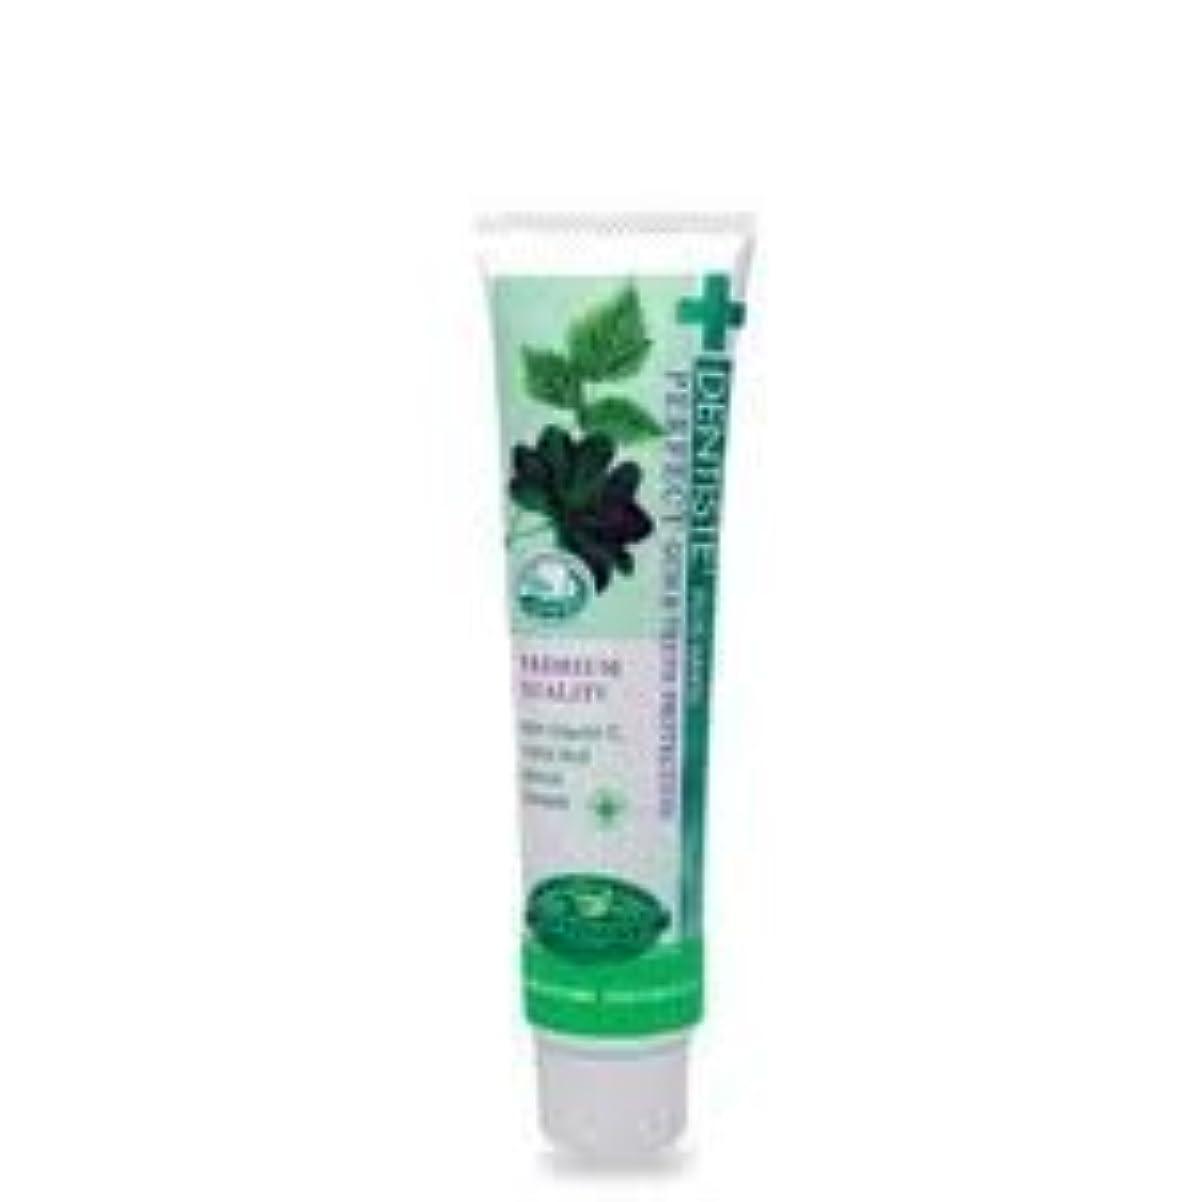 口ひげ推定するパネルDentiste Night Time Active Whitening Toothpaste 100 G Thailand Product by Dentiste